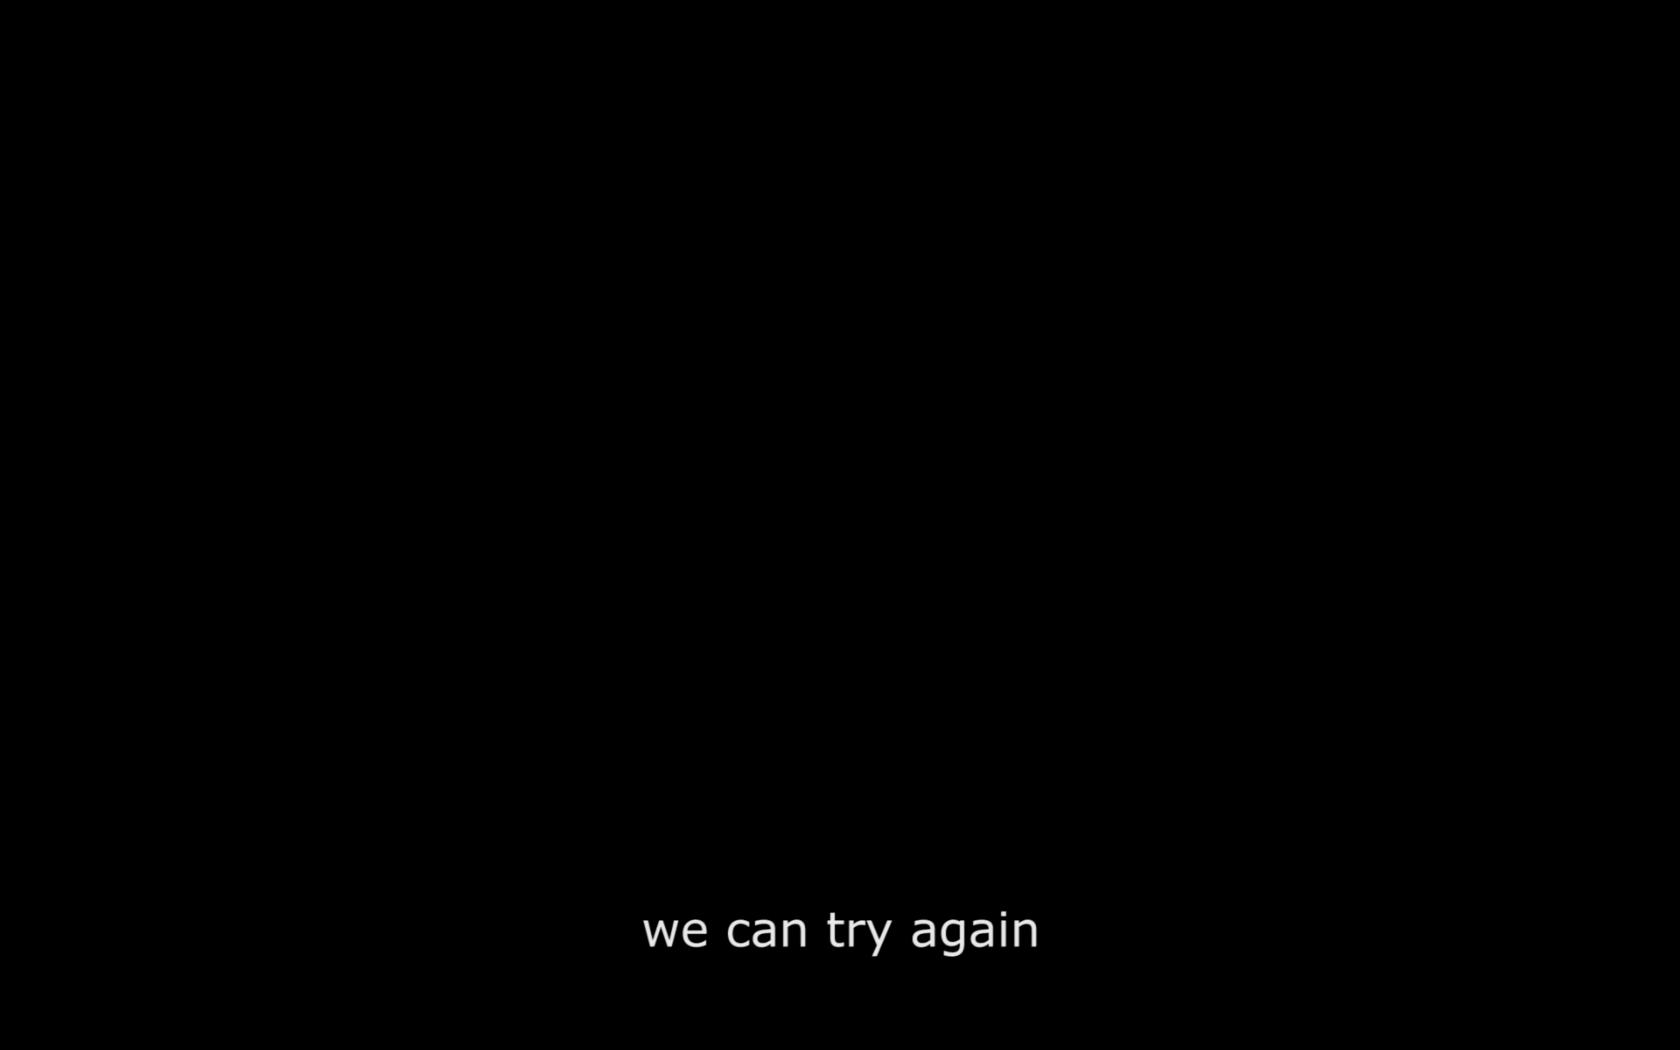 Screen Shot 2018-10-08 at 9.02.53 PM.png